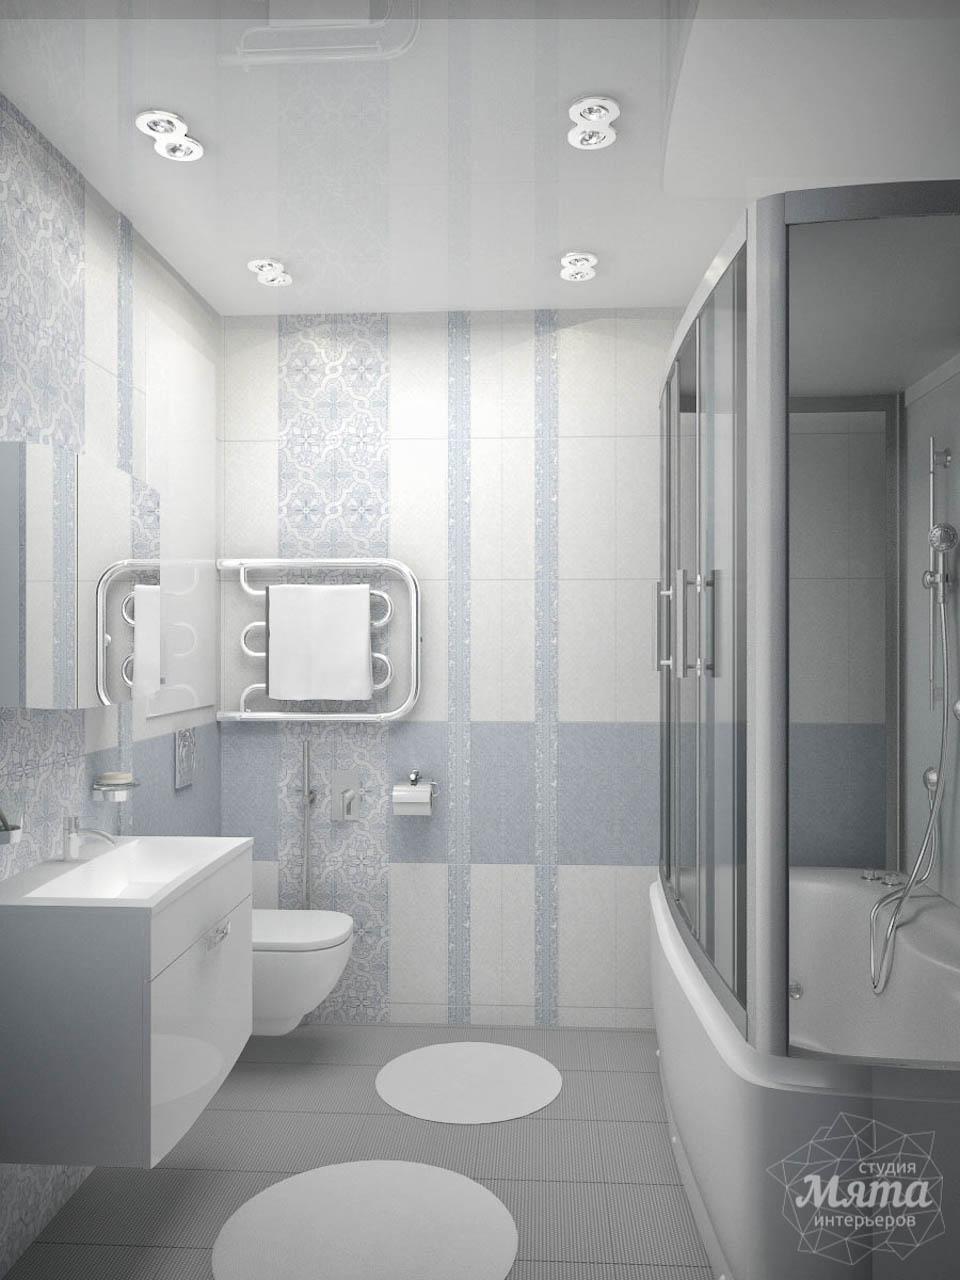 Дизайн интерьера и ремонт трехкомнатной квартиры по ул. Фучика 9 img667920183